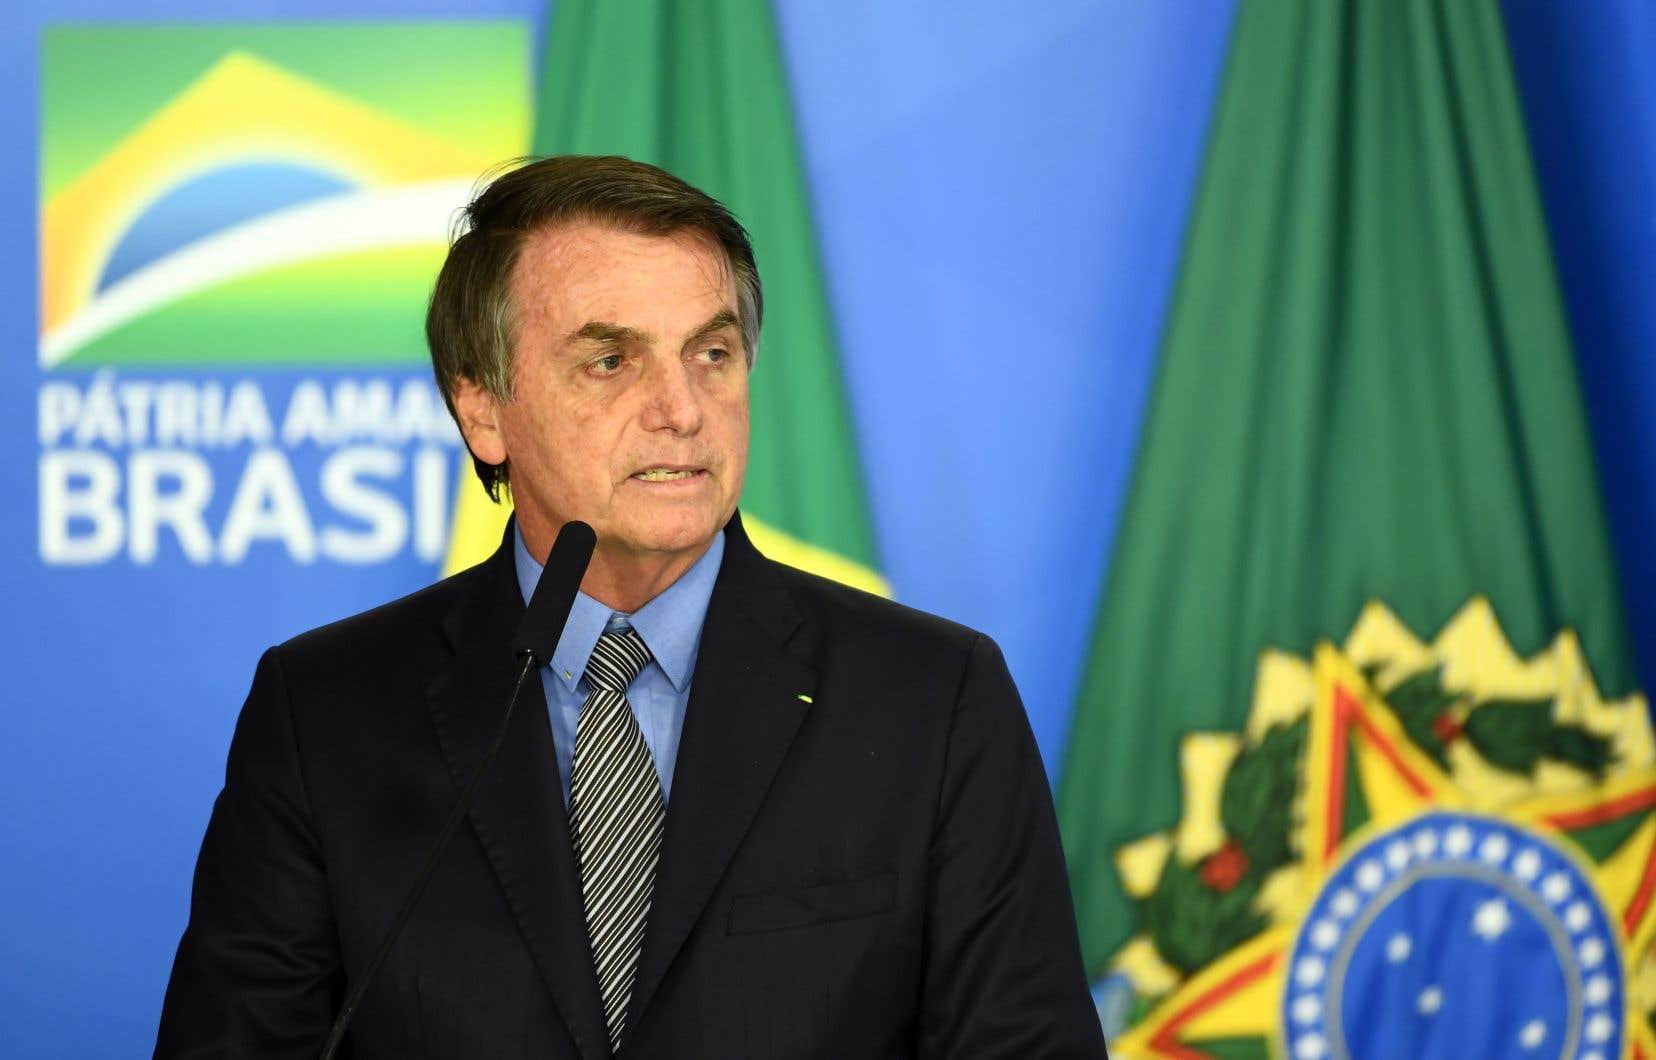 Jair Bolsonaro a été élu président en janvier dernier.